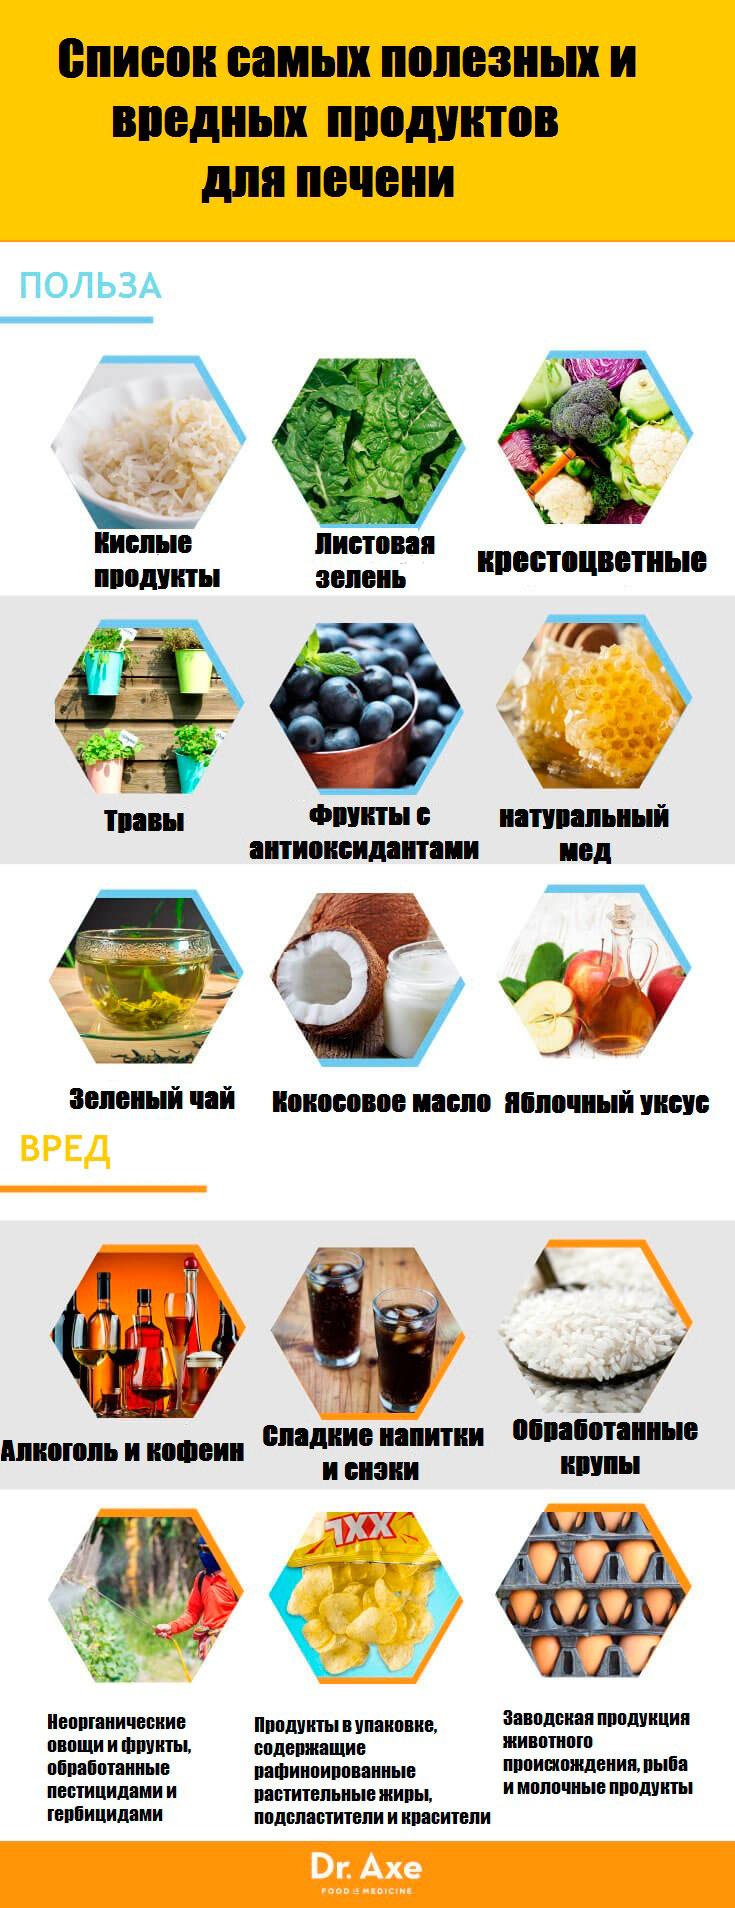 Список полезных и вредных продуктов для печени